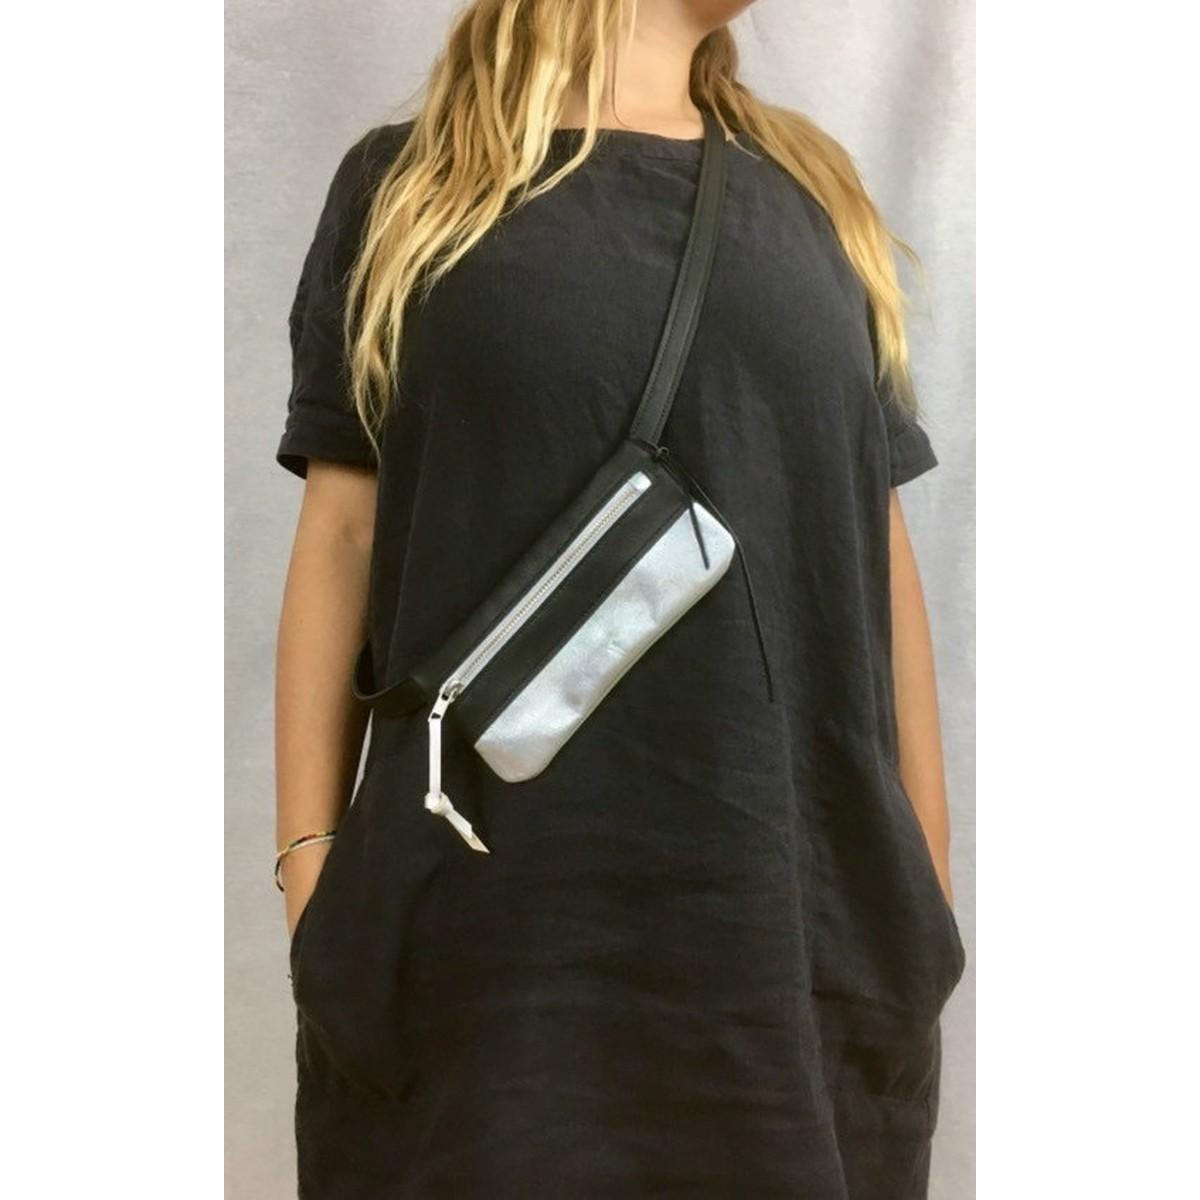 BSAITE Bauchtasche / Hip Bag / Echt Leder / maximal